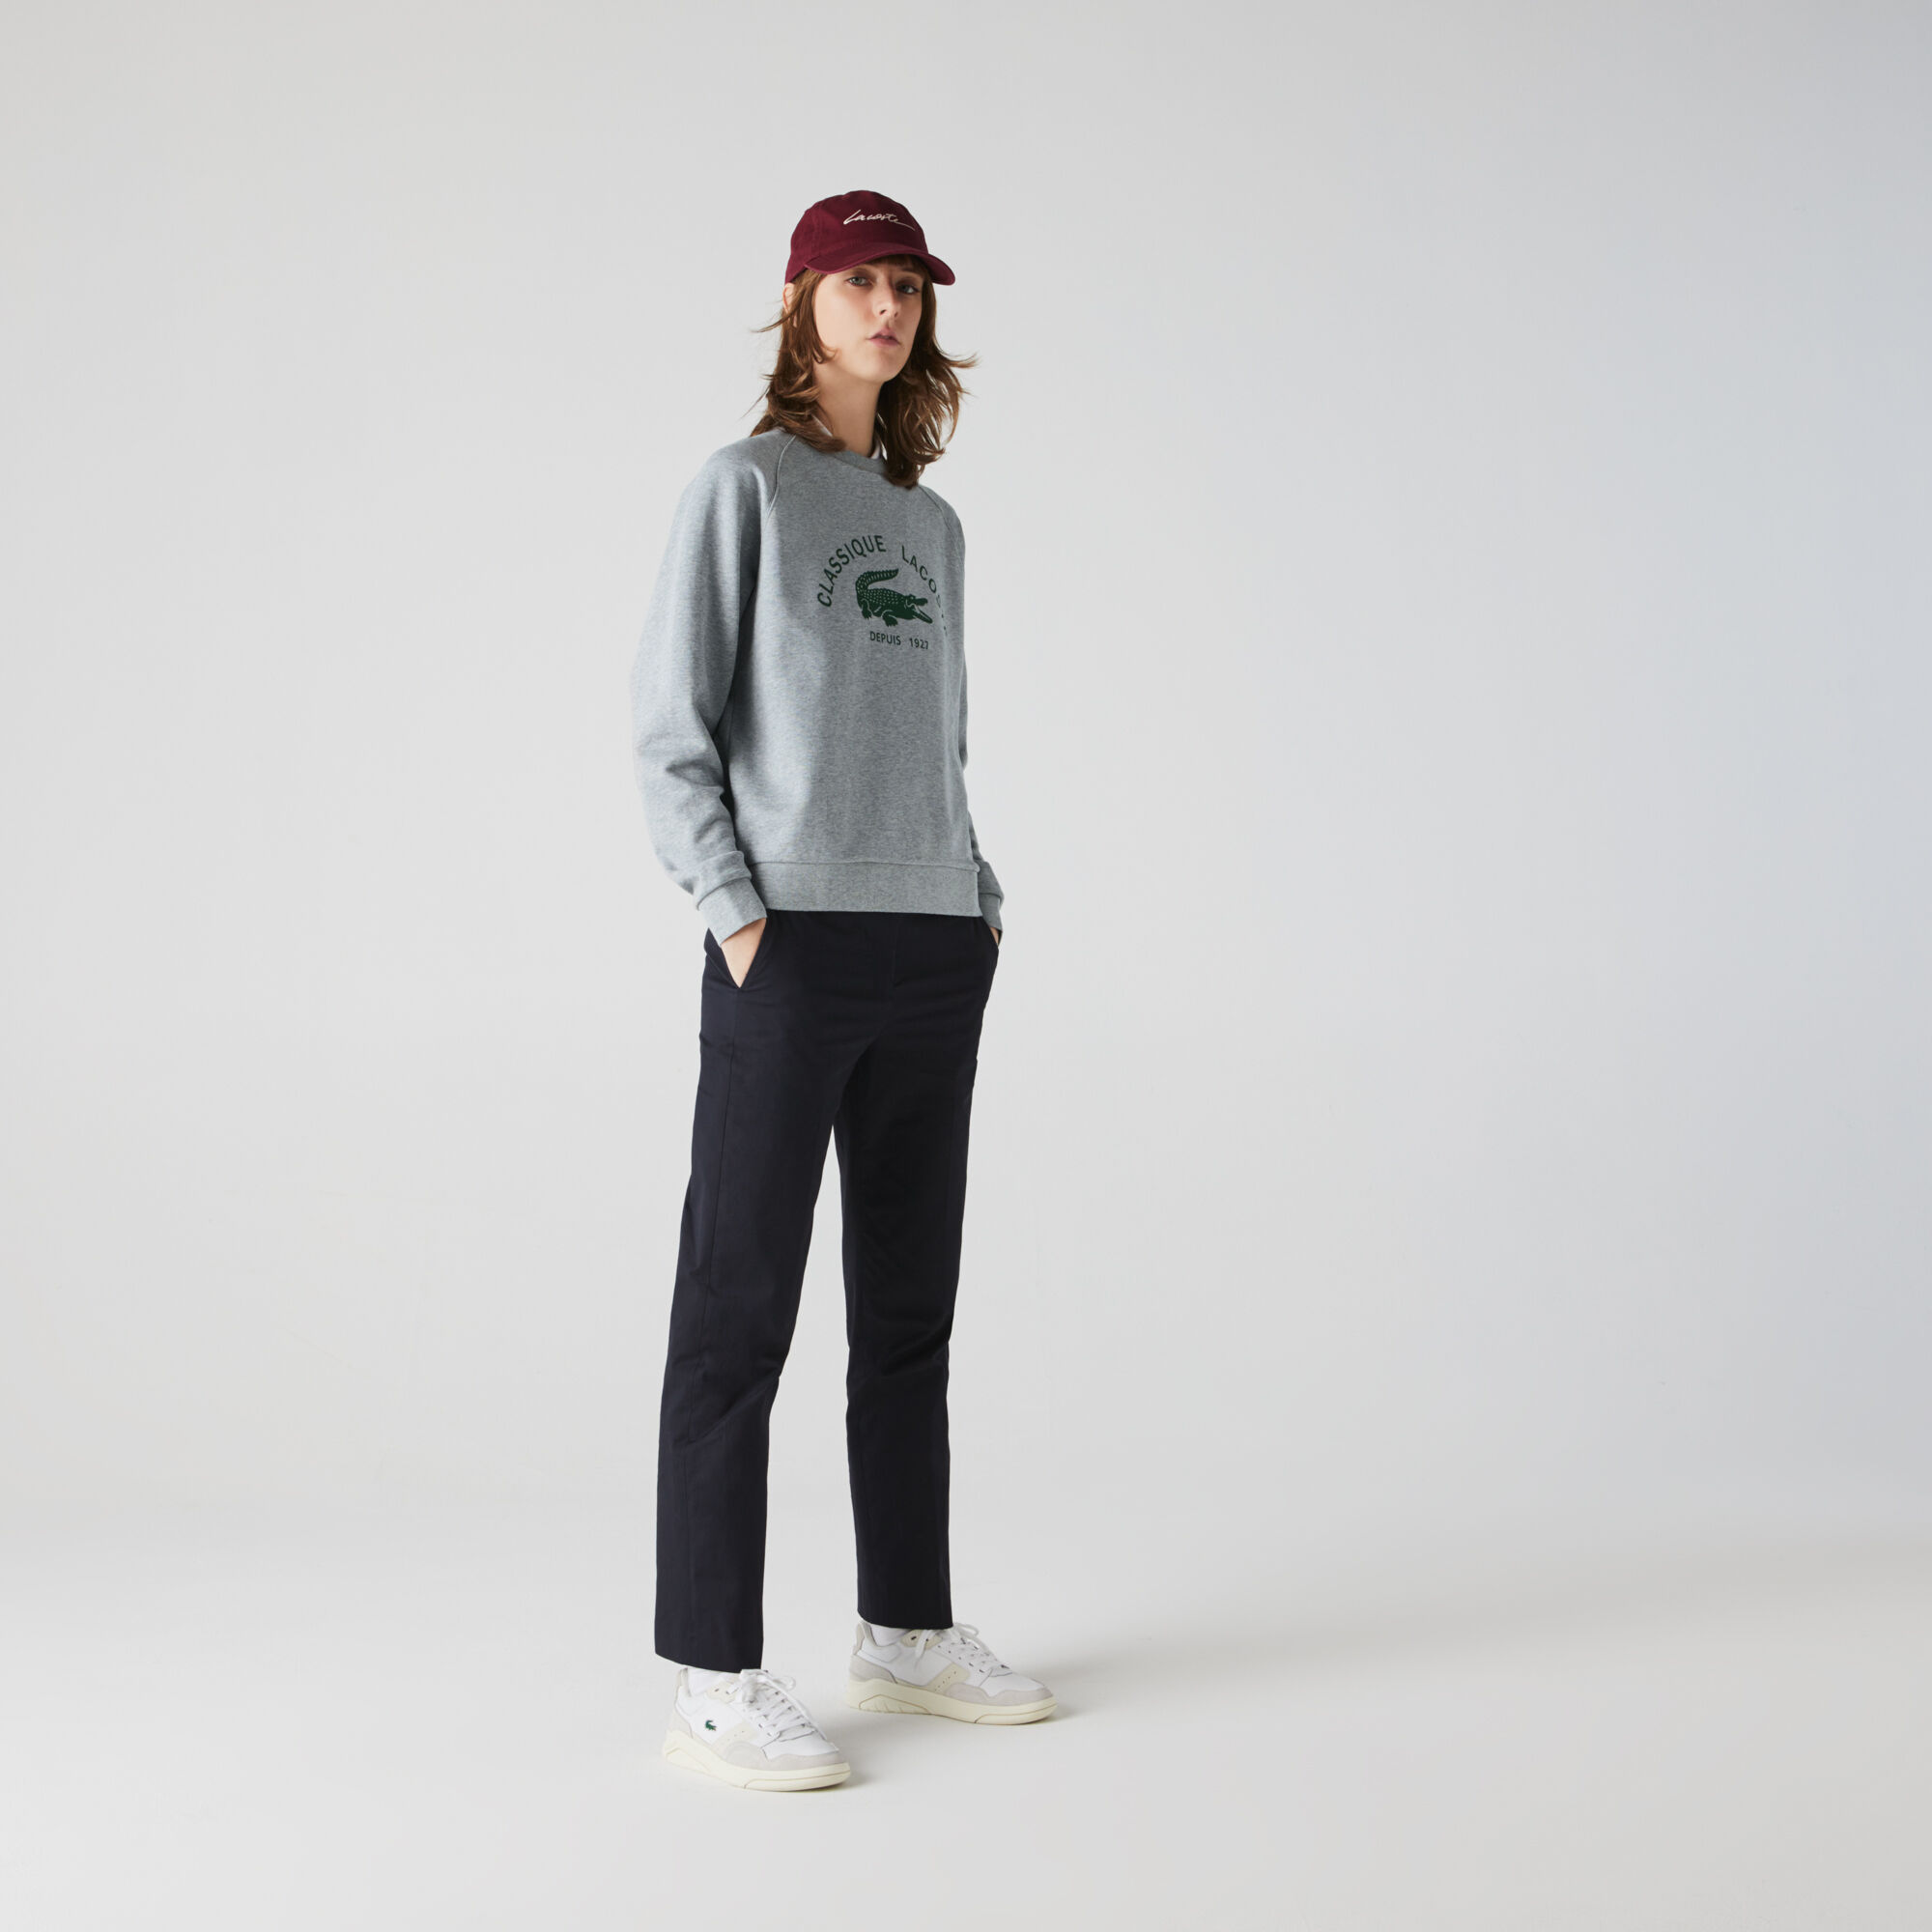 Women's Crew Neck Vintage Print Lightweight Cotton Fleece Sweatshirt